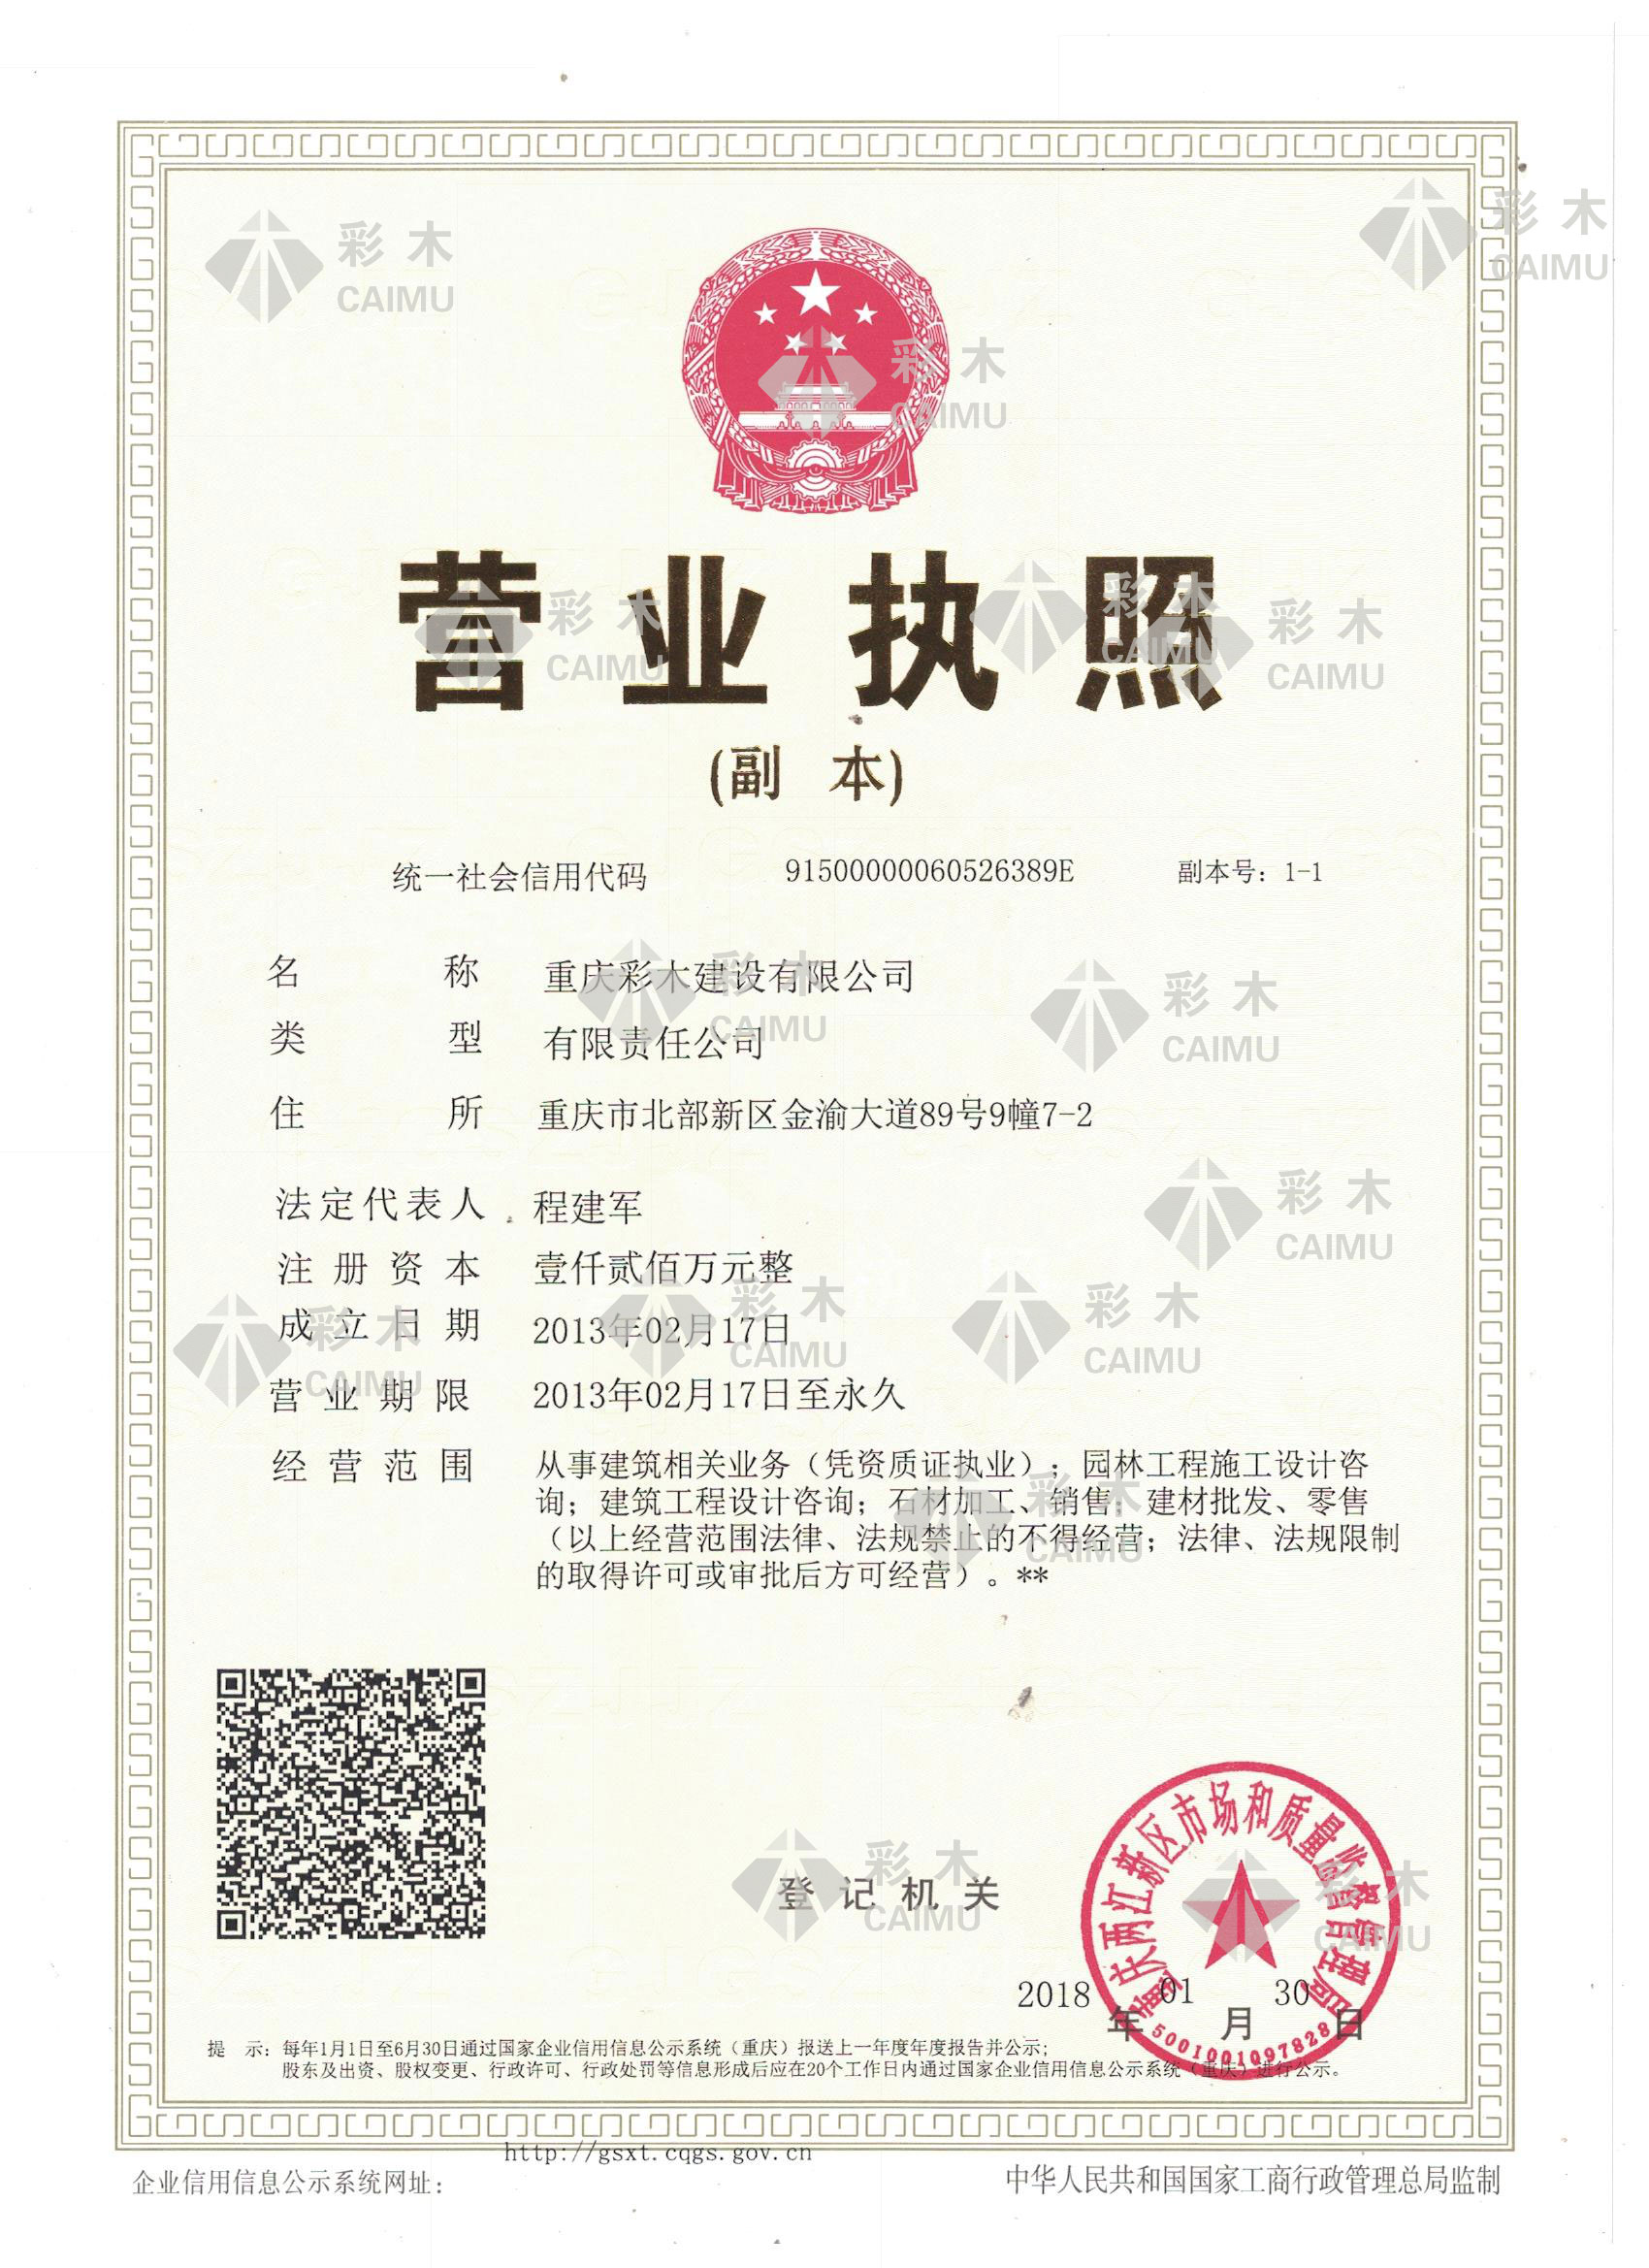 彩木建设公司营业执照